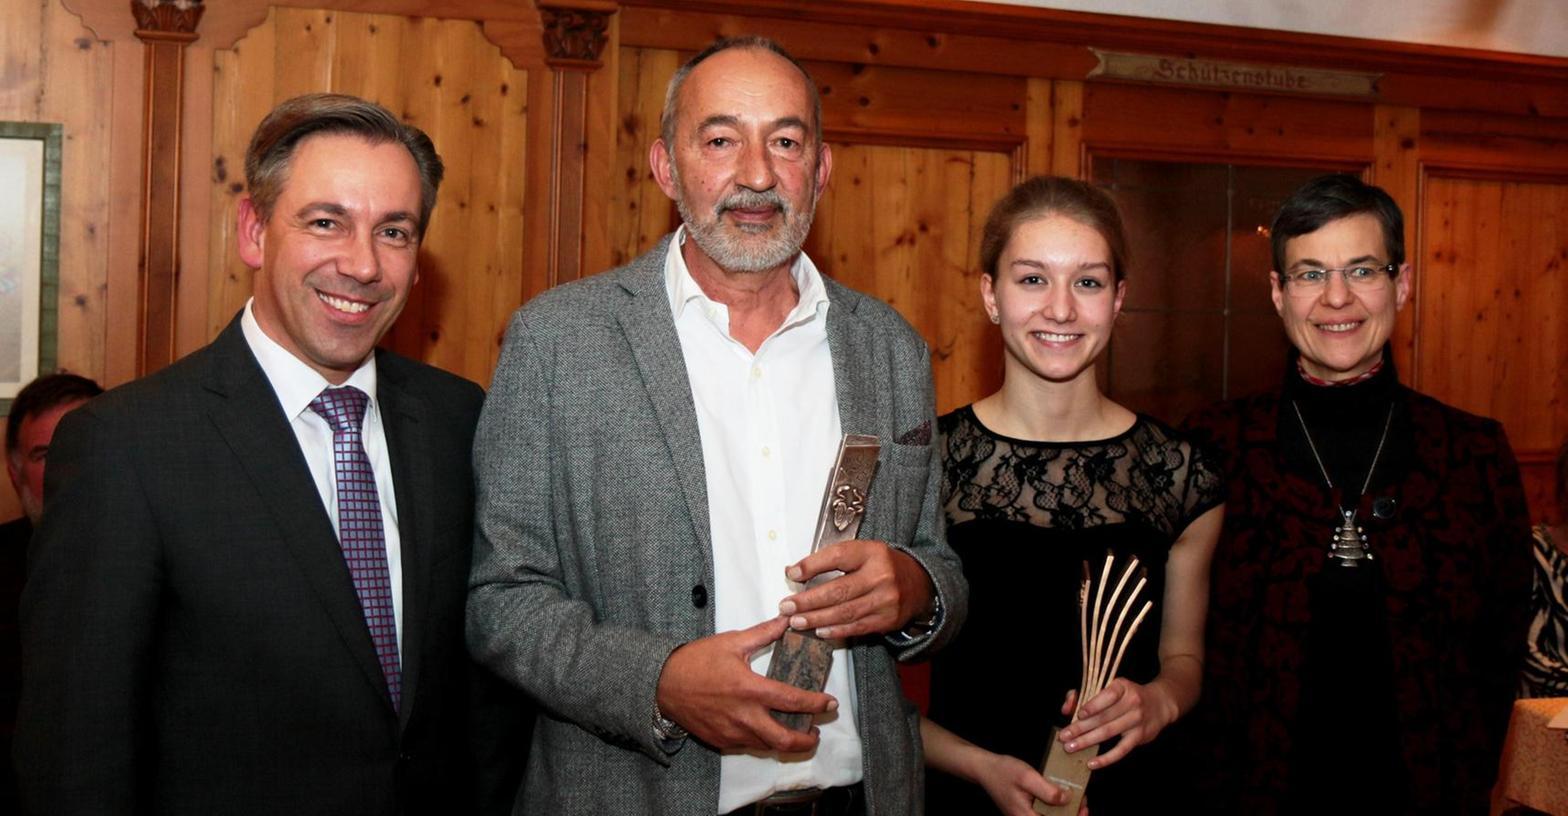 Josef Hirthammer (2. v. l.) wurde für sein Werk mit dem Kunstpreis ausgezeichnet. Die 16-jährige Gymnasiastin Henrike Fröhlich (3. v. l.) ehrten Landrat Alexander Tritthart und Regina Klatte vom Kulturverein mit dem Jugendförderpreis.